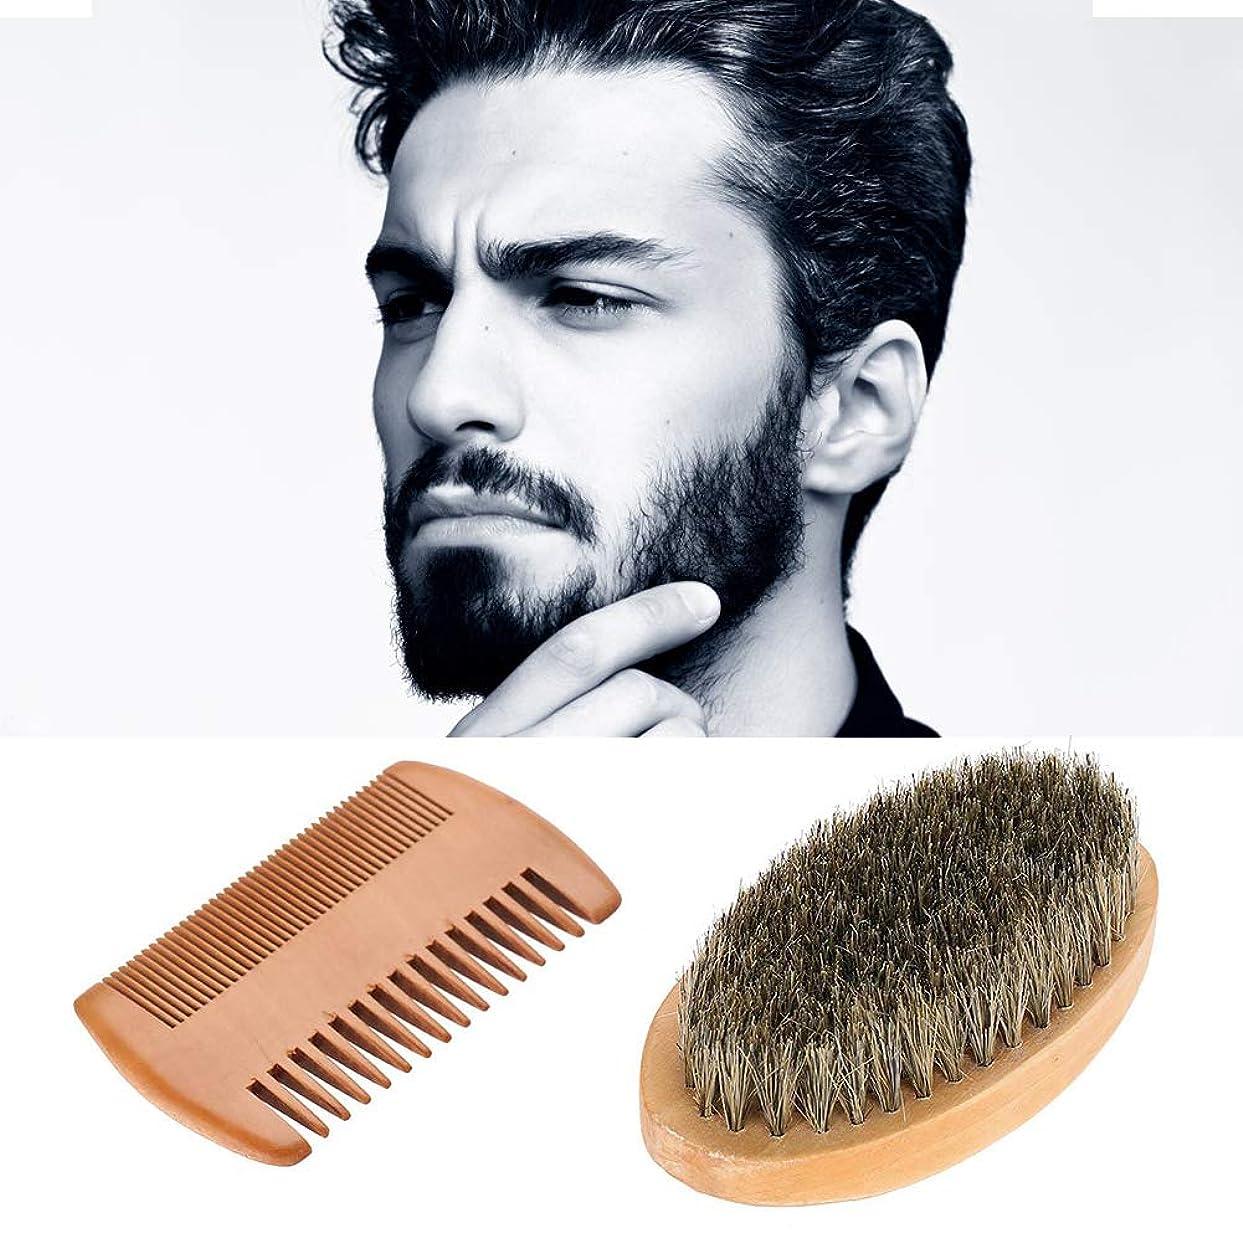 慢な子猫ベジタリアン男性の楕円形の木製の楕円形のブラシ+ひげの毛の顔のクリーニングの手入れをするキットのための櫛